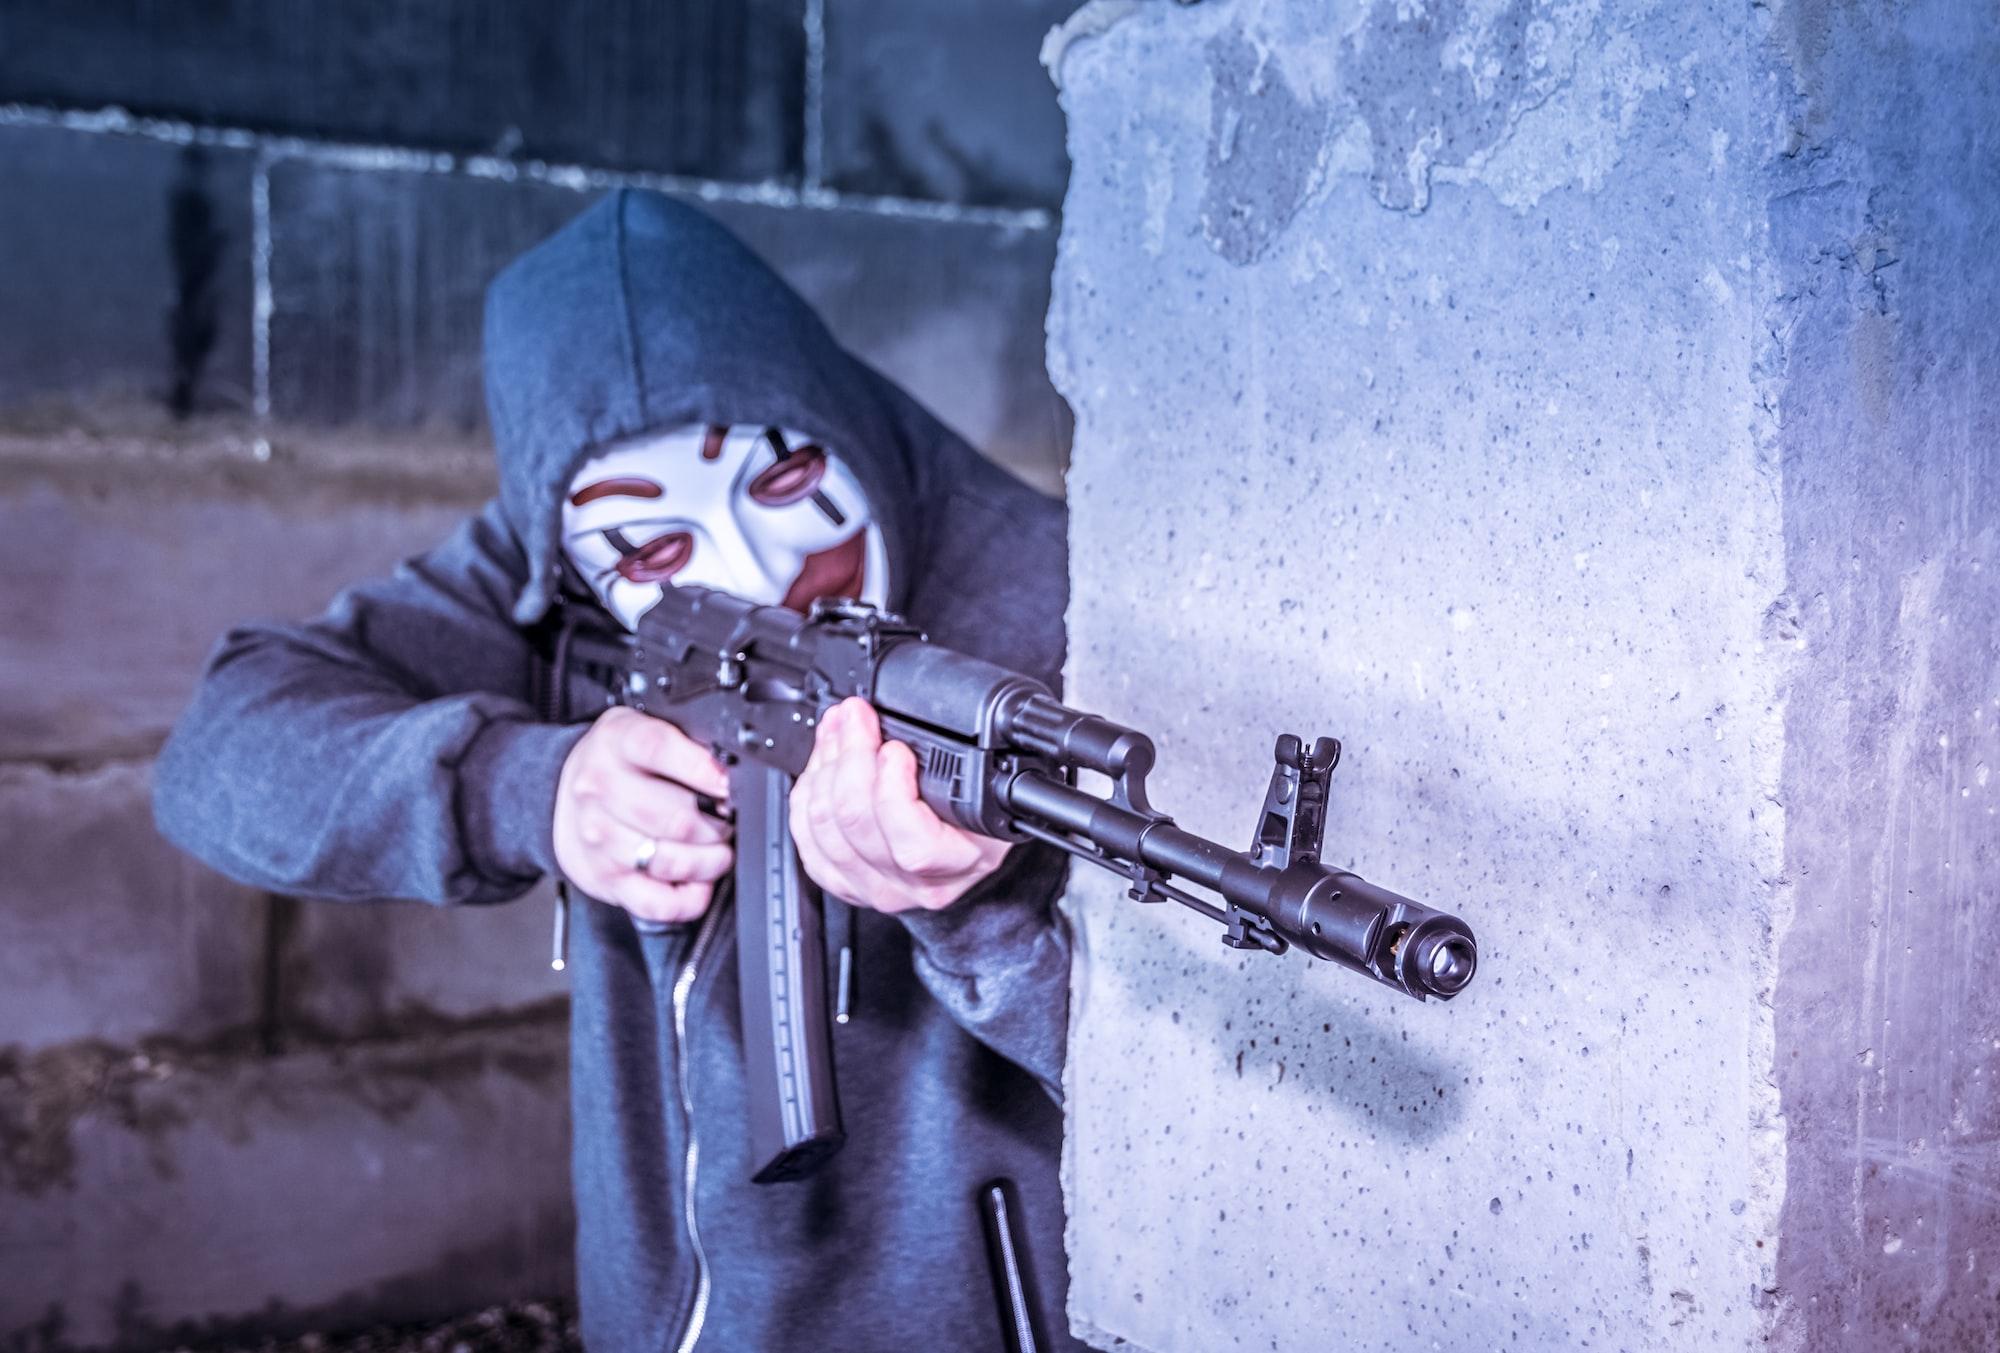 สมาชิก ISIS โดนรวบ เพราะโอน BTC ให้กับผู้ก่อการร้ายในซีเรีย